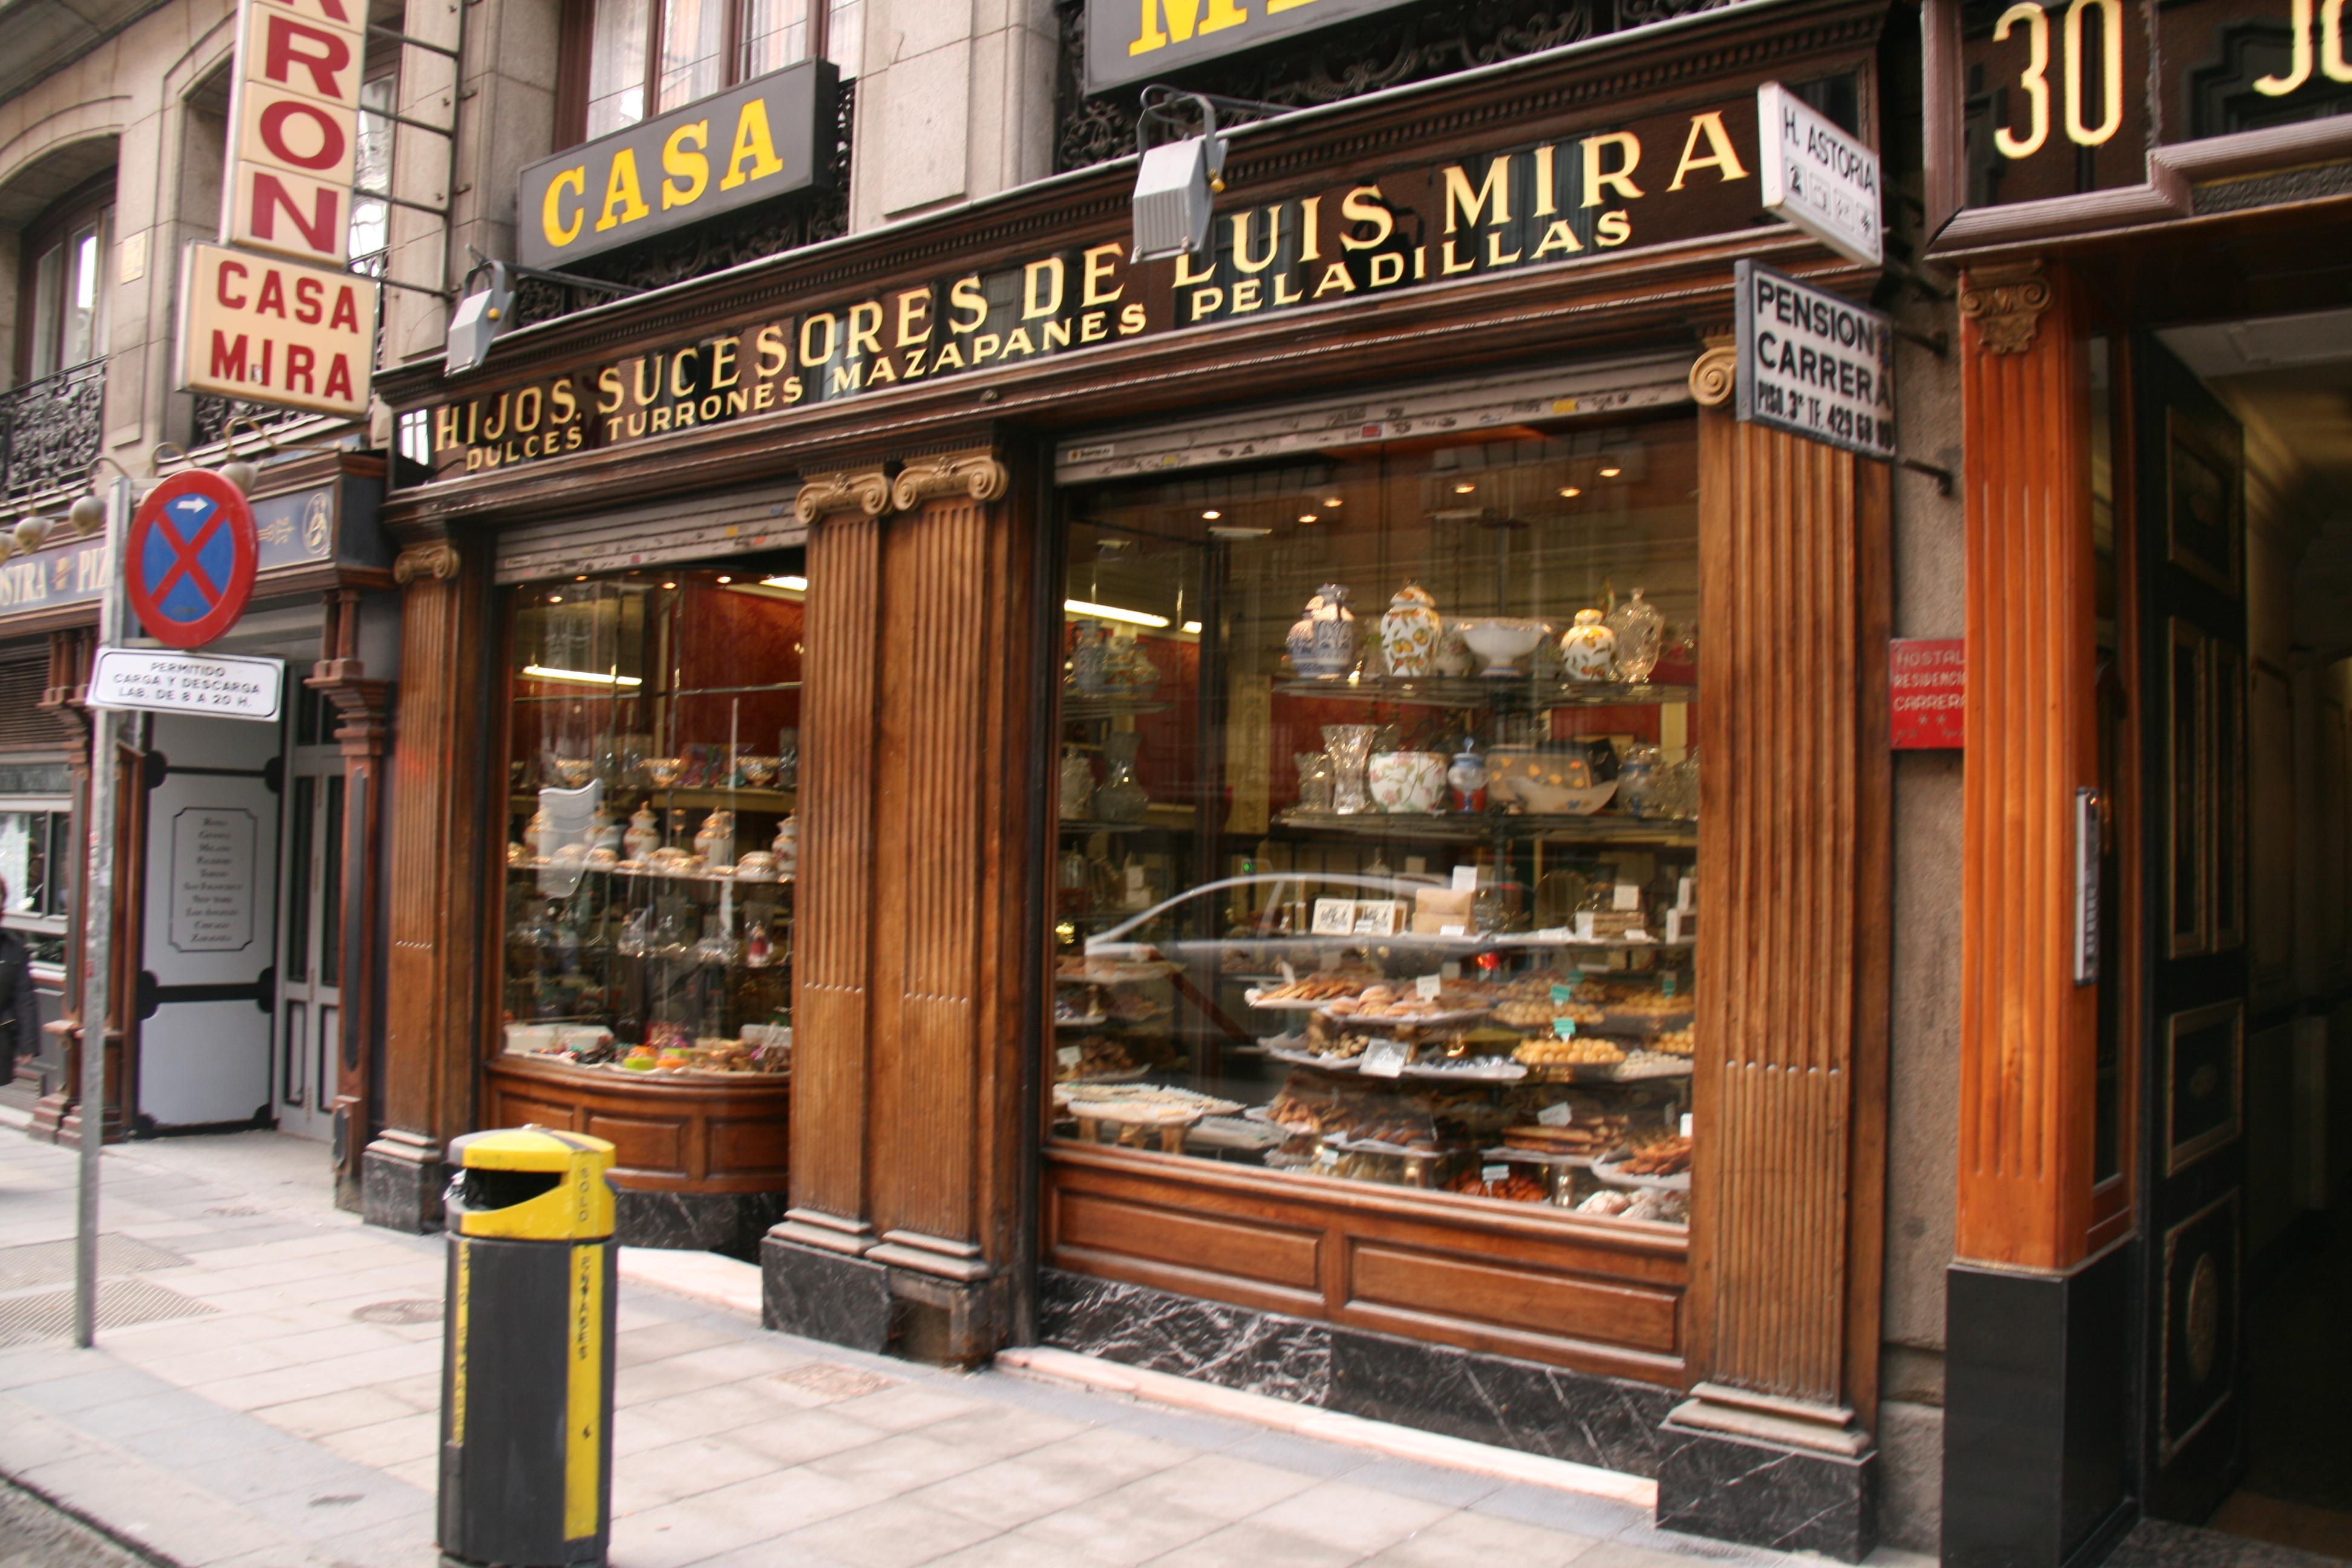 Casa Mira. Luis Mira (fondatore) ha iniziato a vendere torroni nel 1842